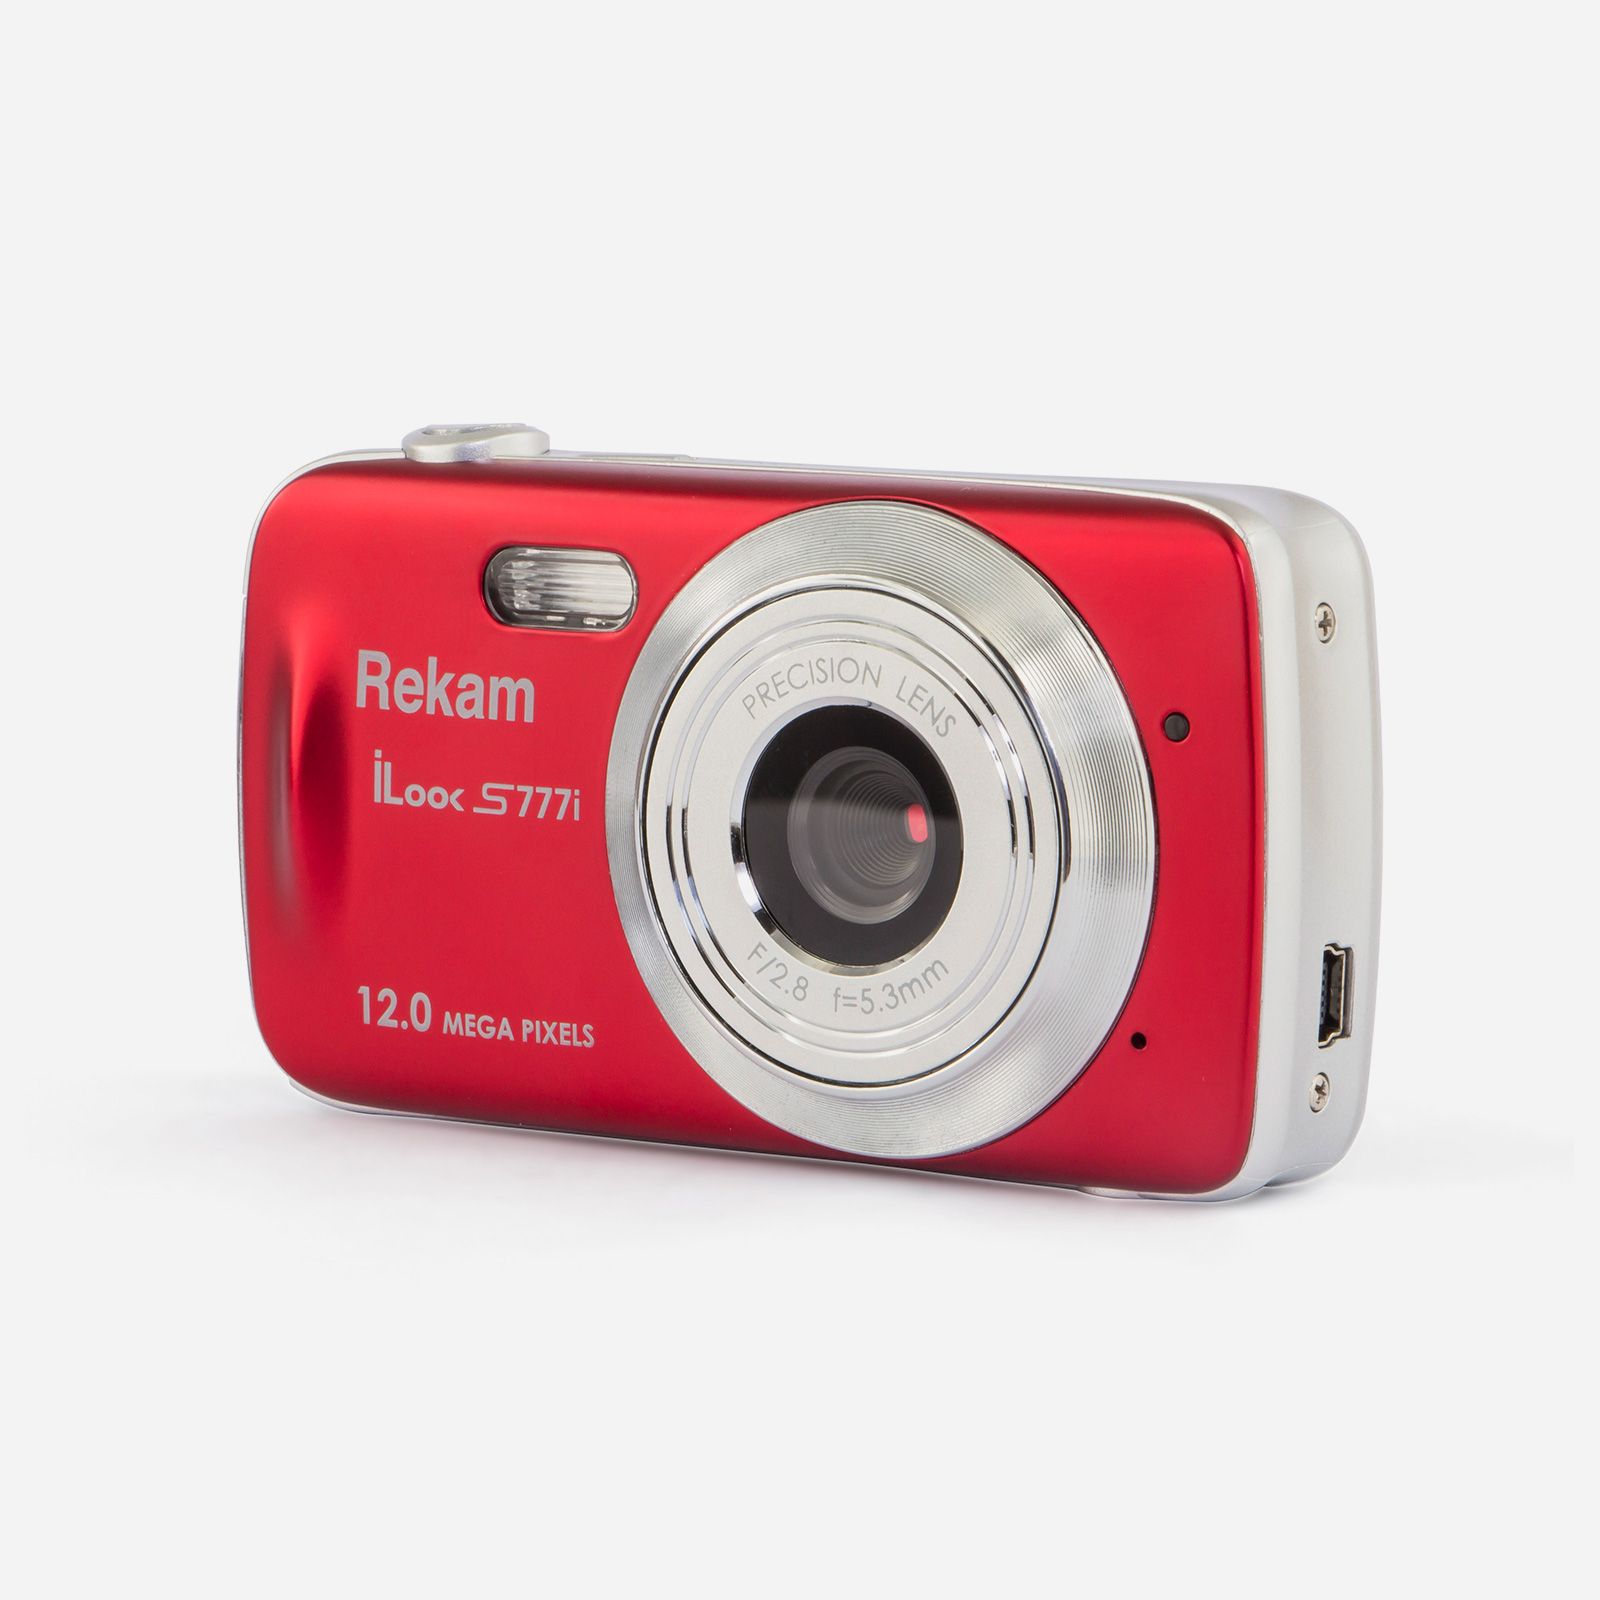 Фотоаппарат Rekam iLook S777i двухобъективные фотоаппараты среднего формата в москве